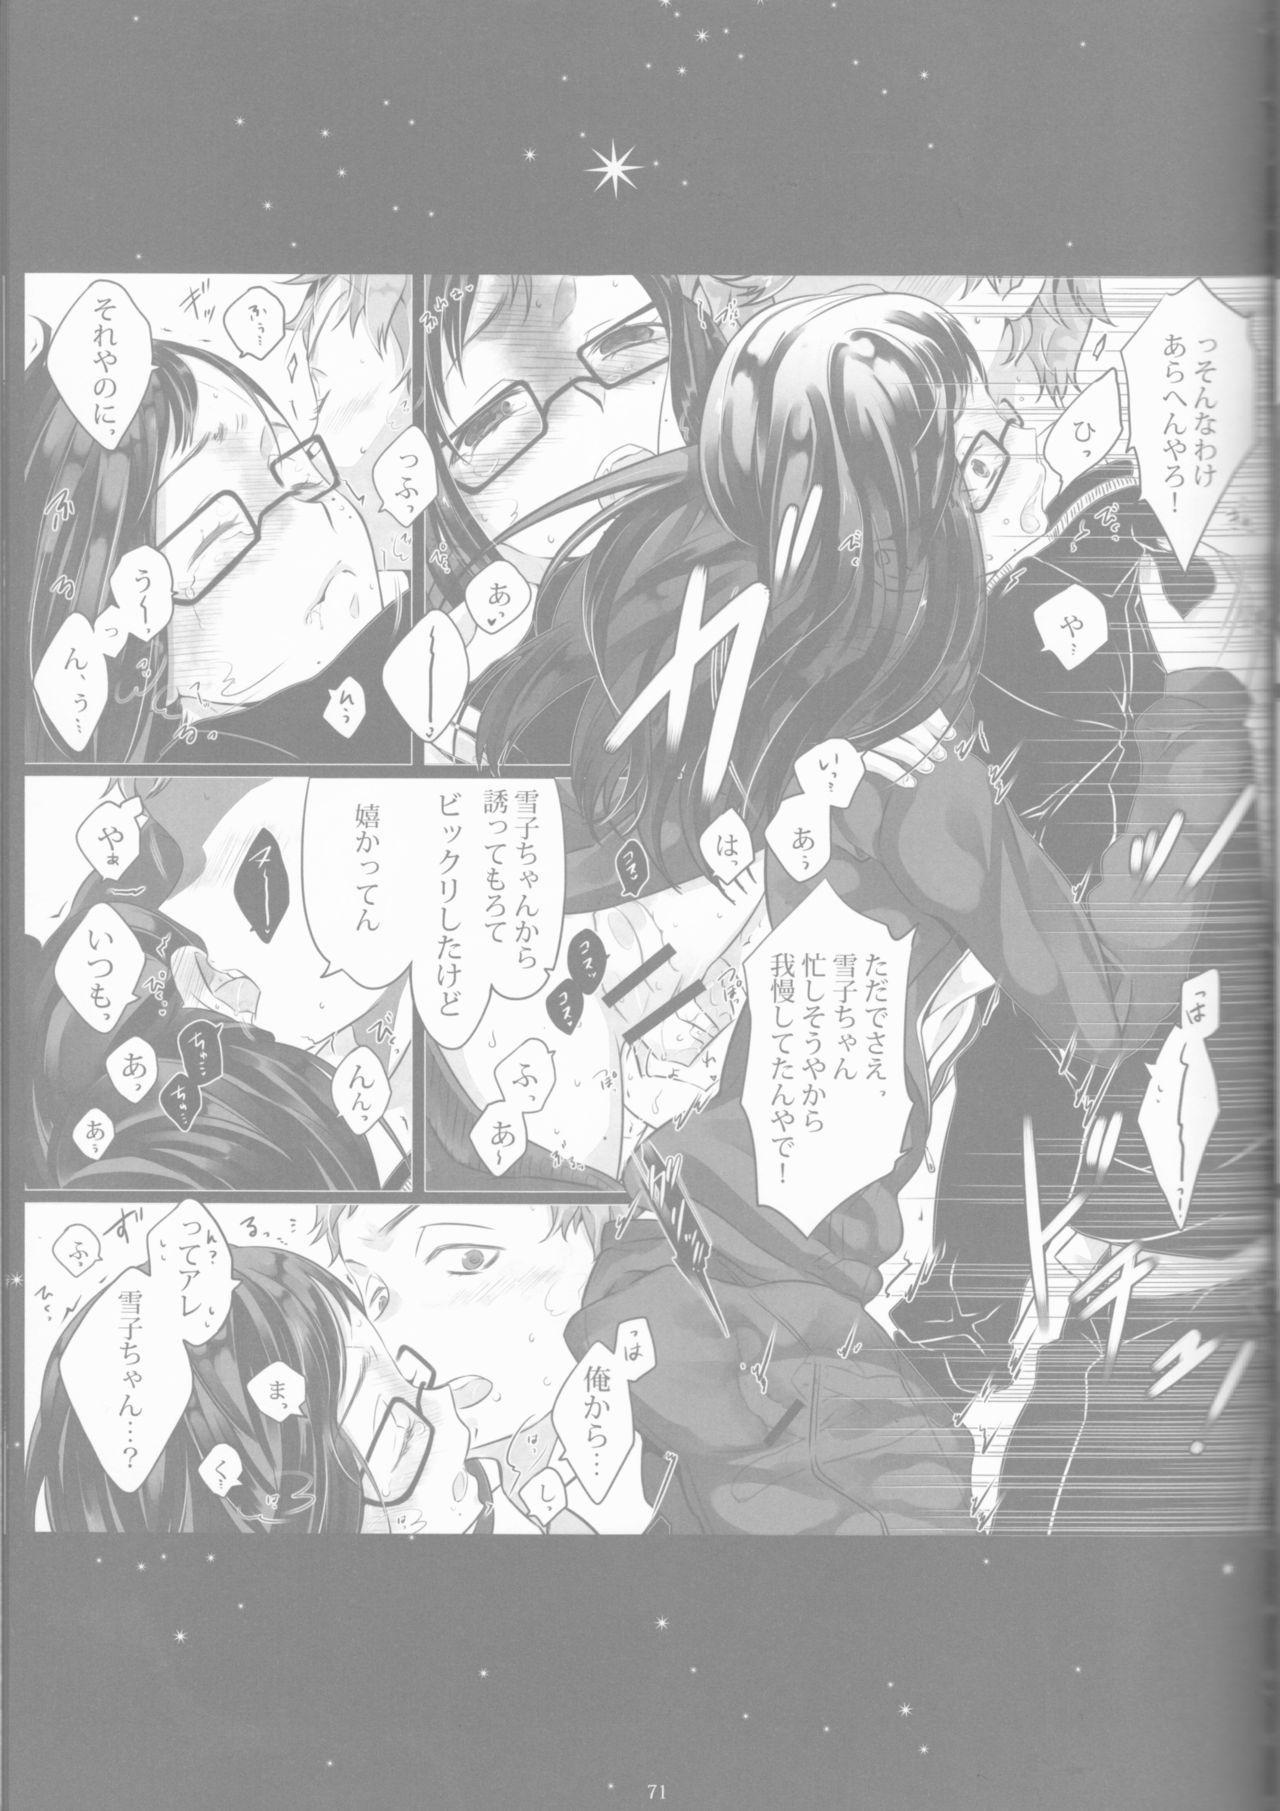 Toge hikari no navu~igātoria book 2(blue exorcist] 69